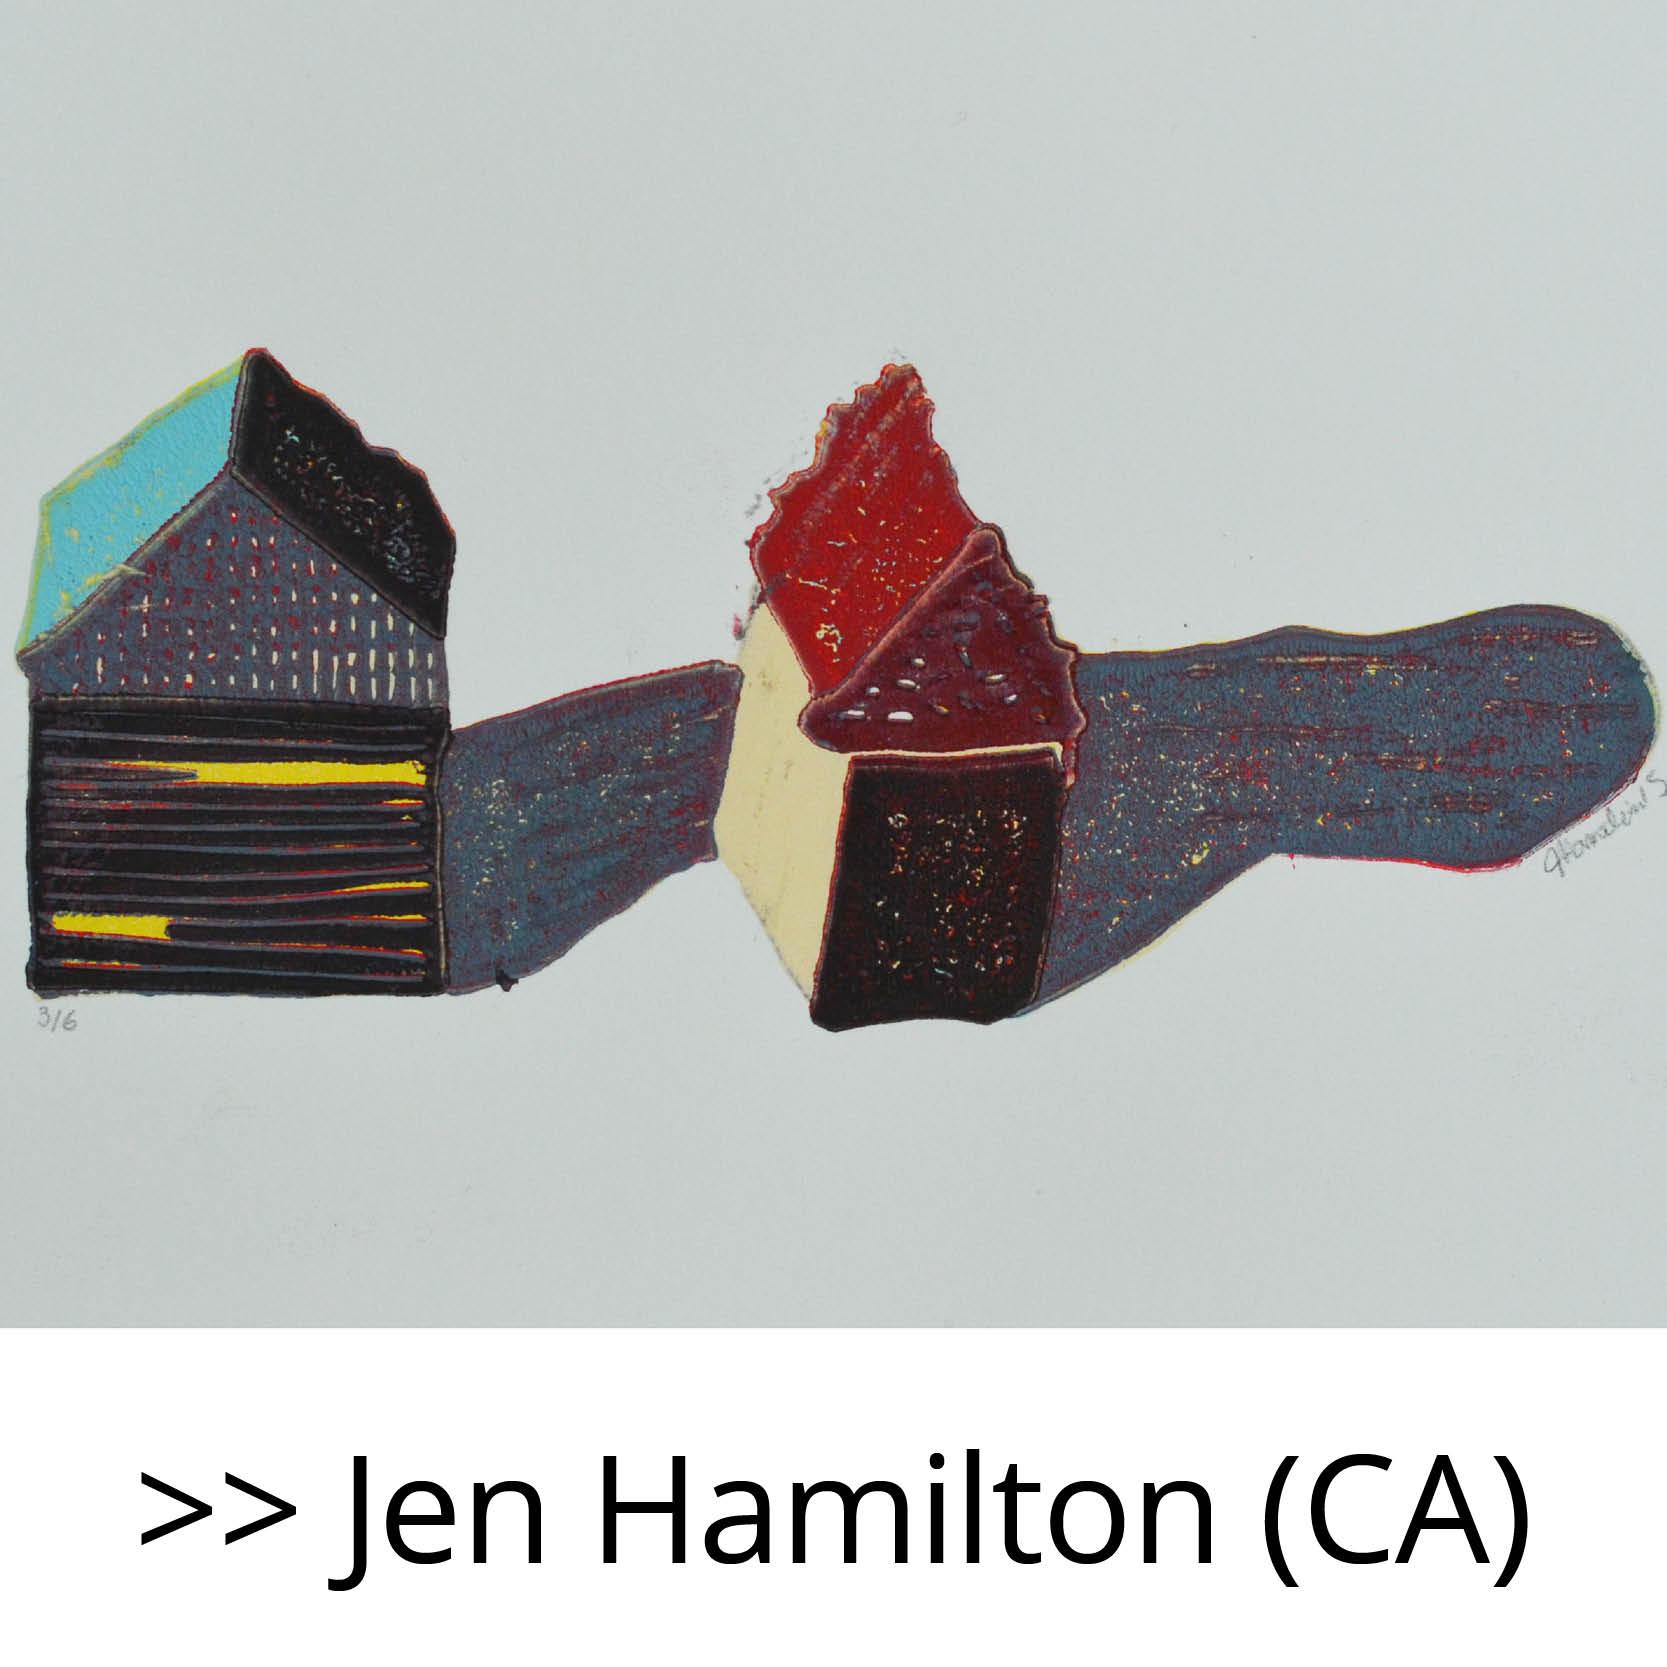 Jen_Hamilton_(CA)